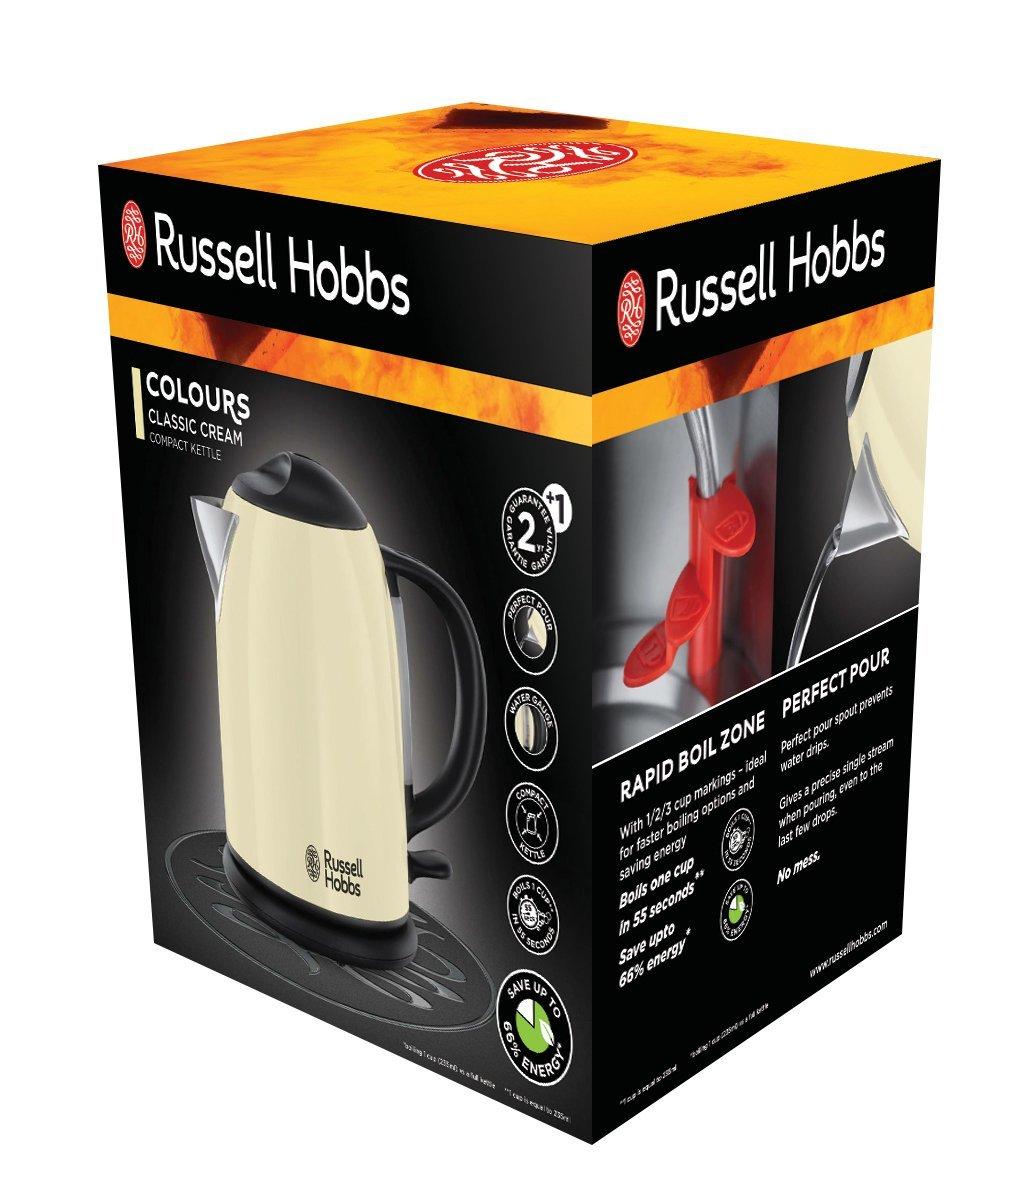 Russell-Hobbs-Colours-20131-56-Flame-mit-Brausekopf-Technologie-und-Schnellheizsystem-rotschwarz